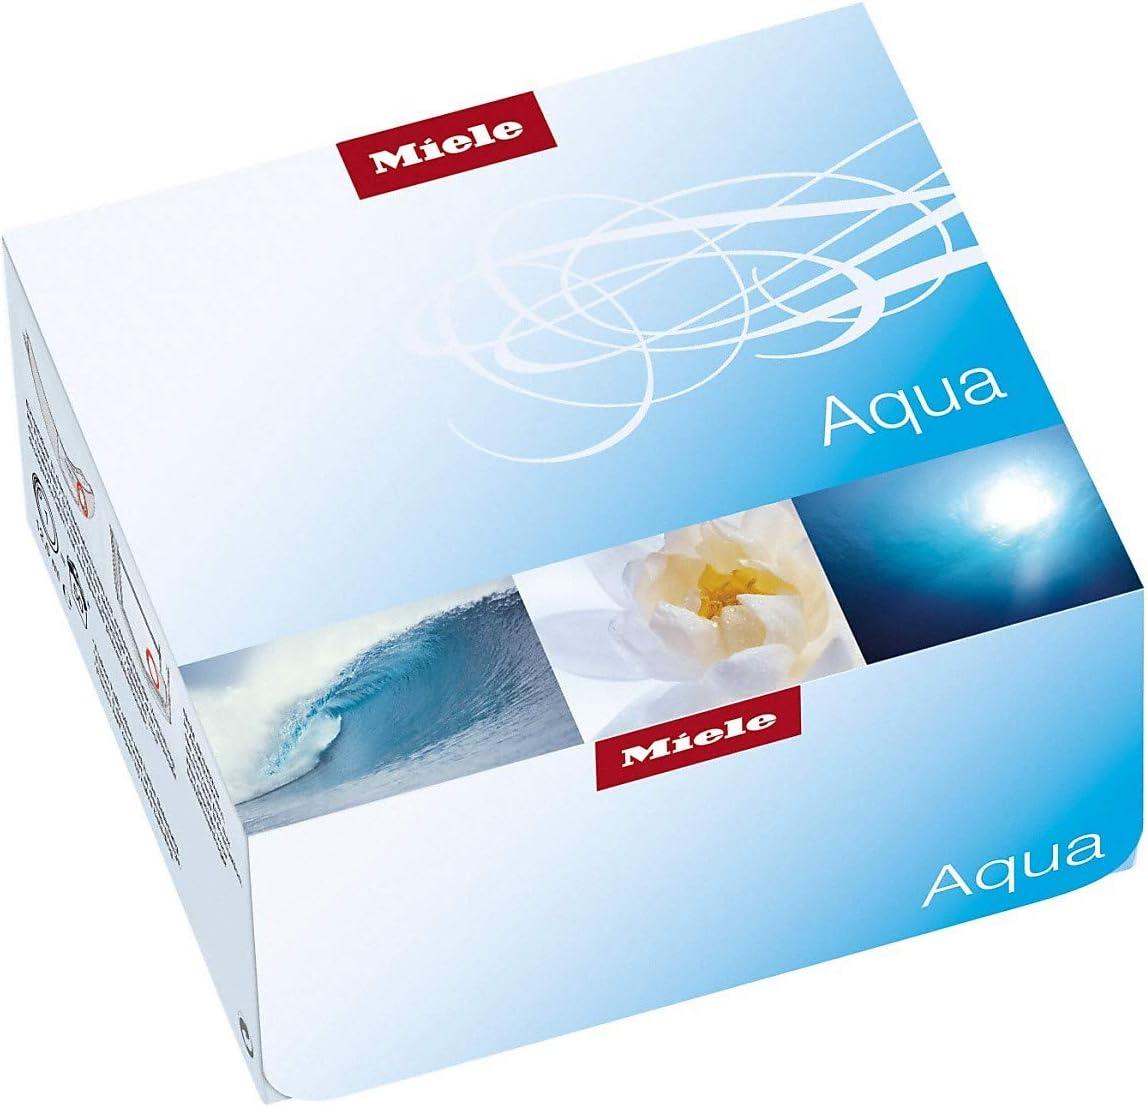 Miele Aqua